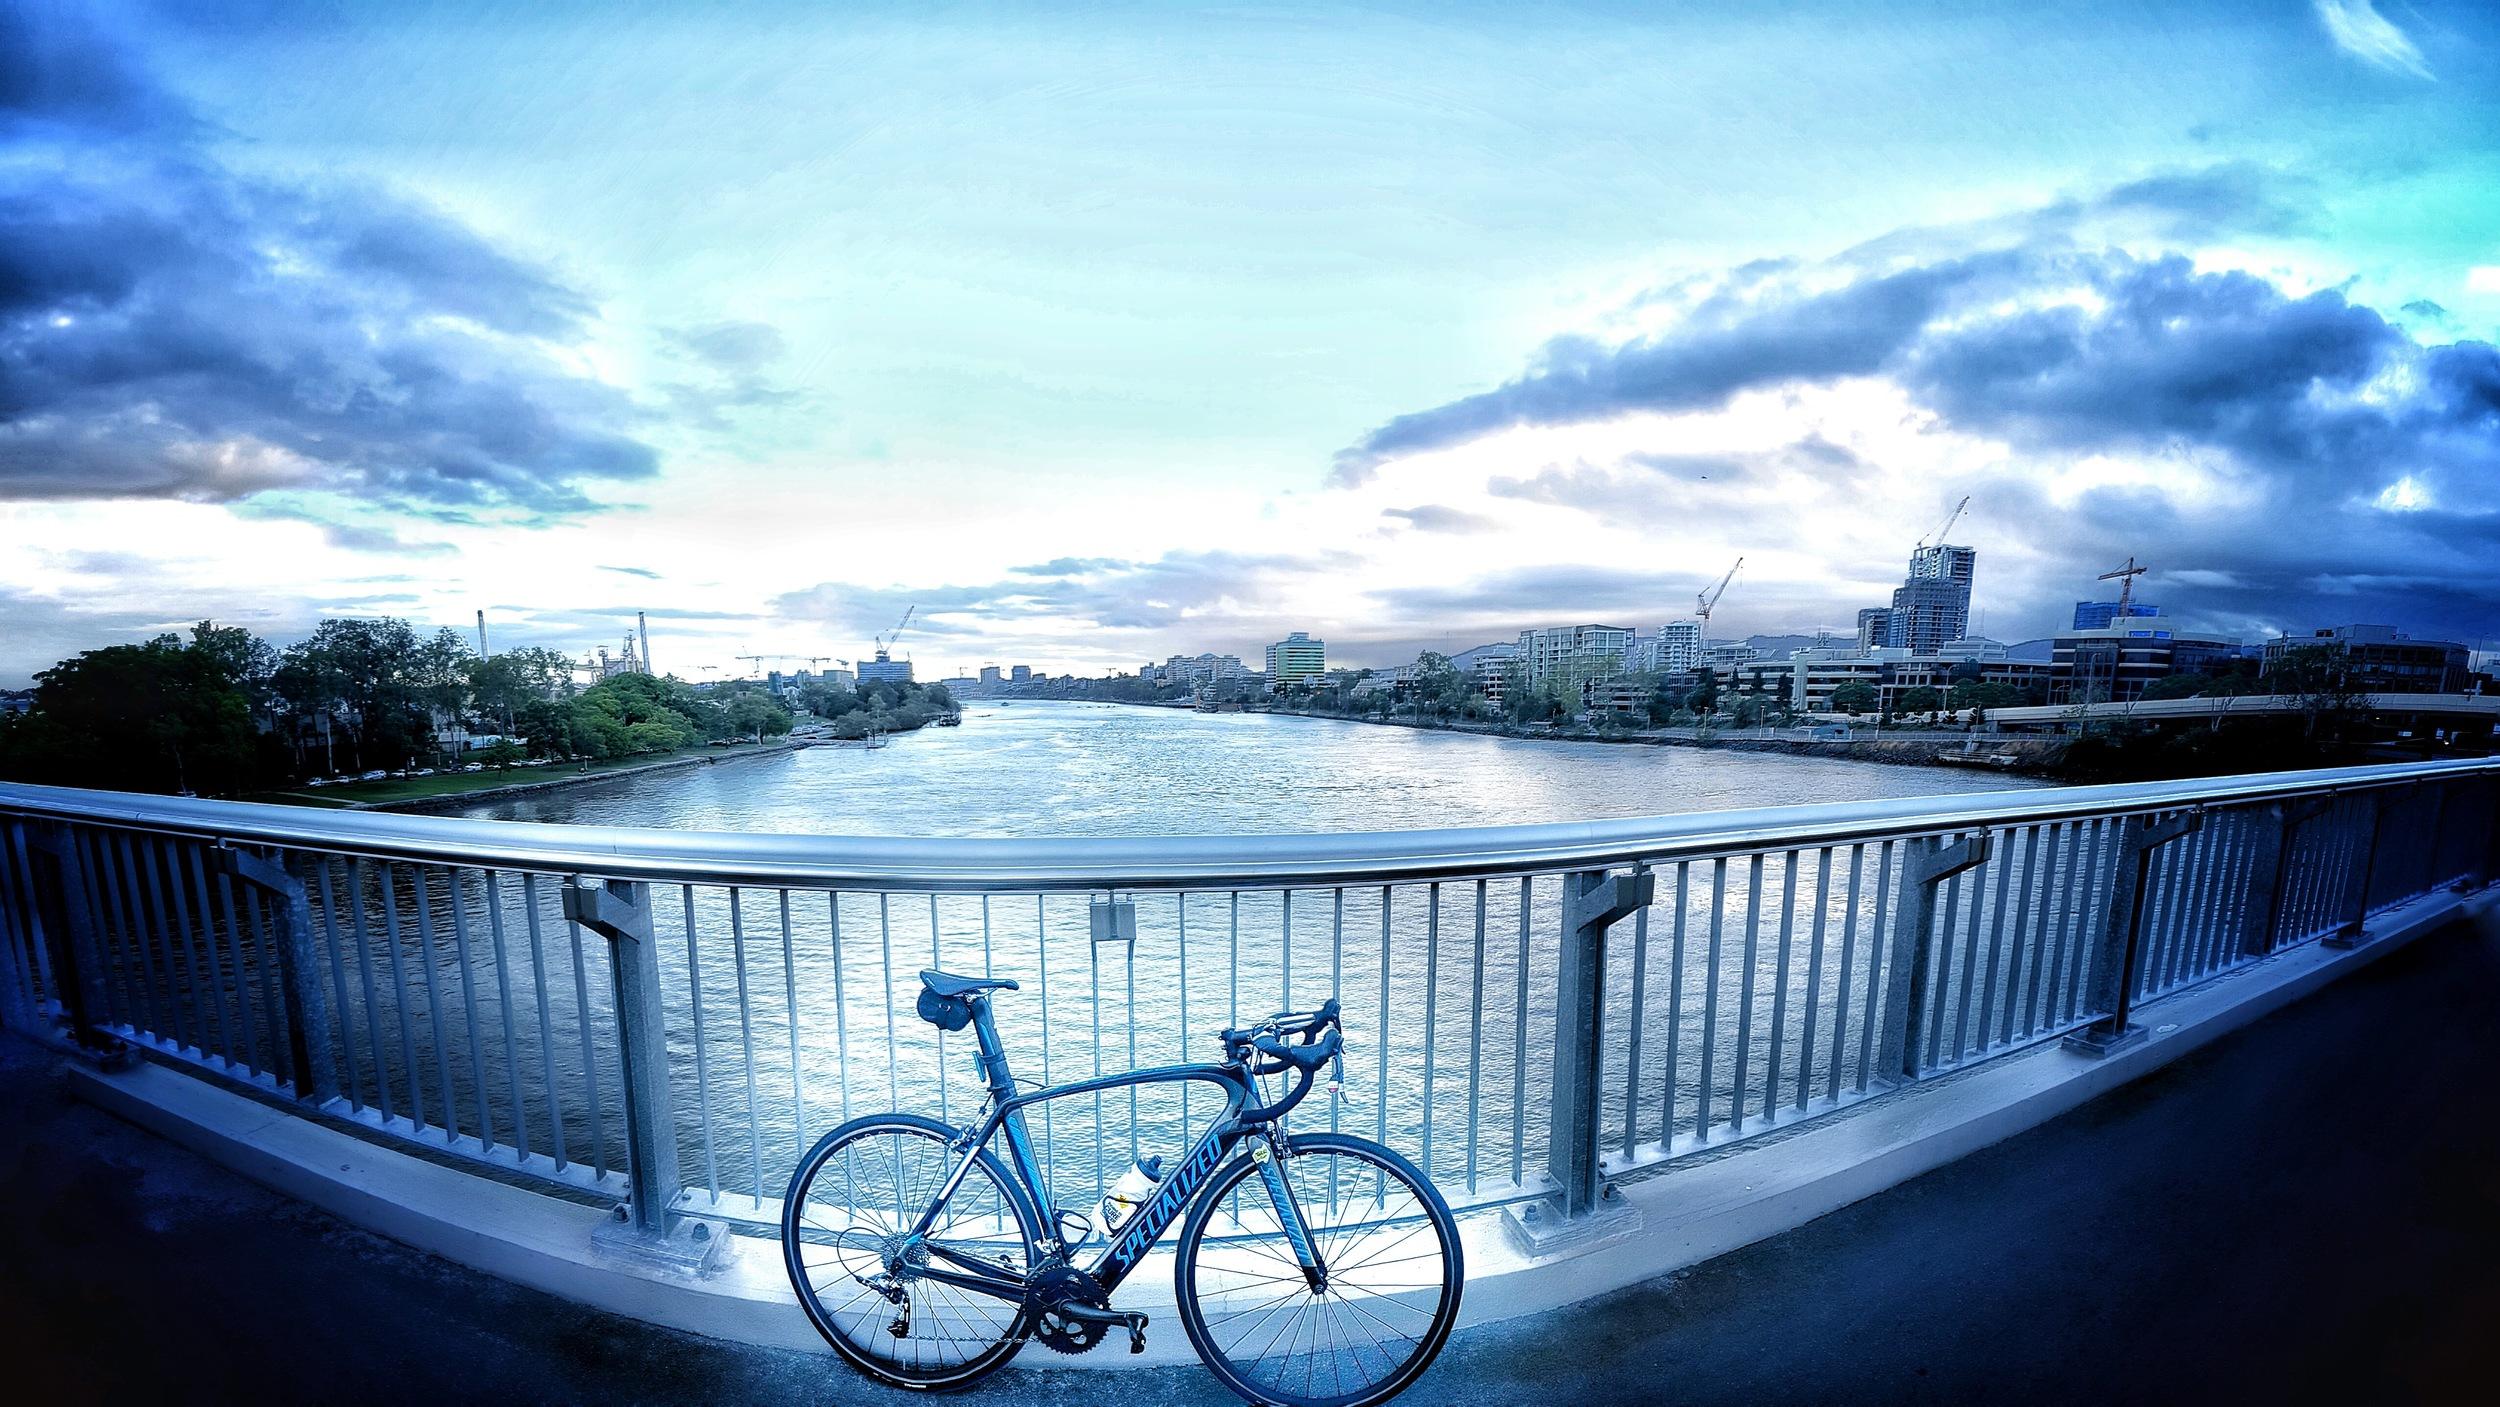 Brisbane River from the Go-Between Bridge.